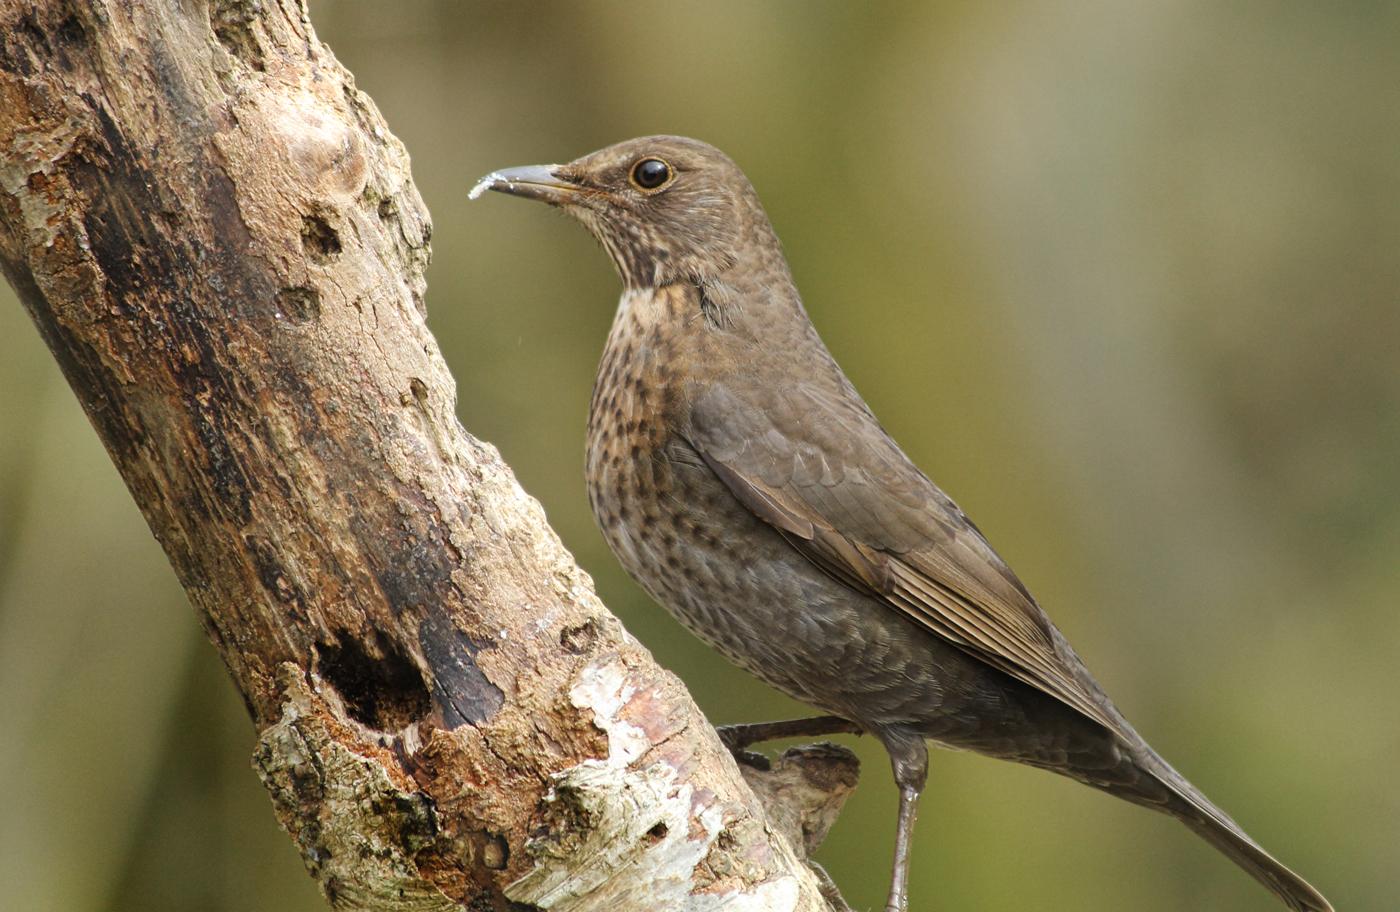 juvrnile blackbird